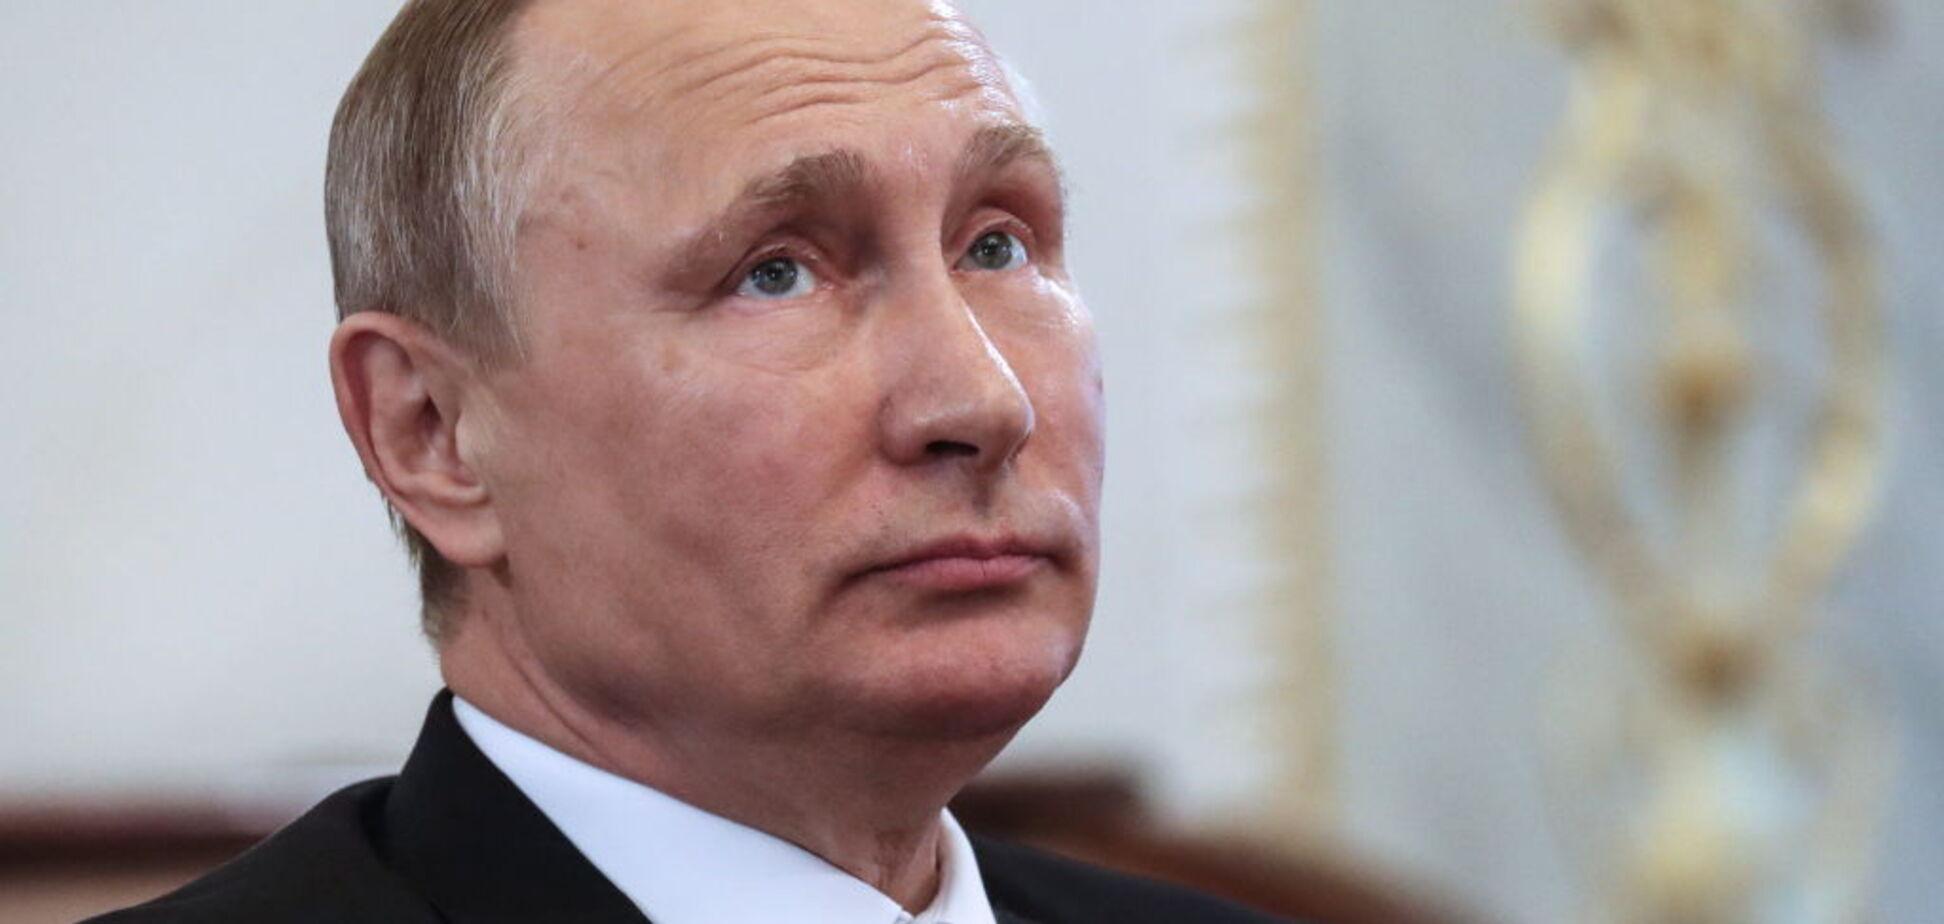 'Принес вам мир': ядерные угрозы Путина воплотили в емкую карикатуру